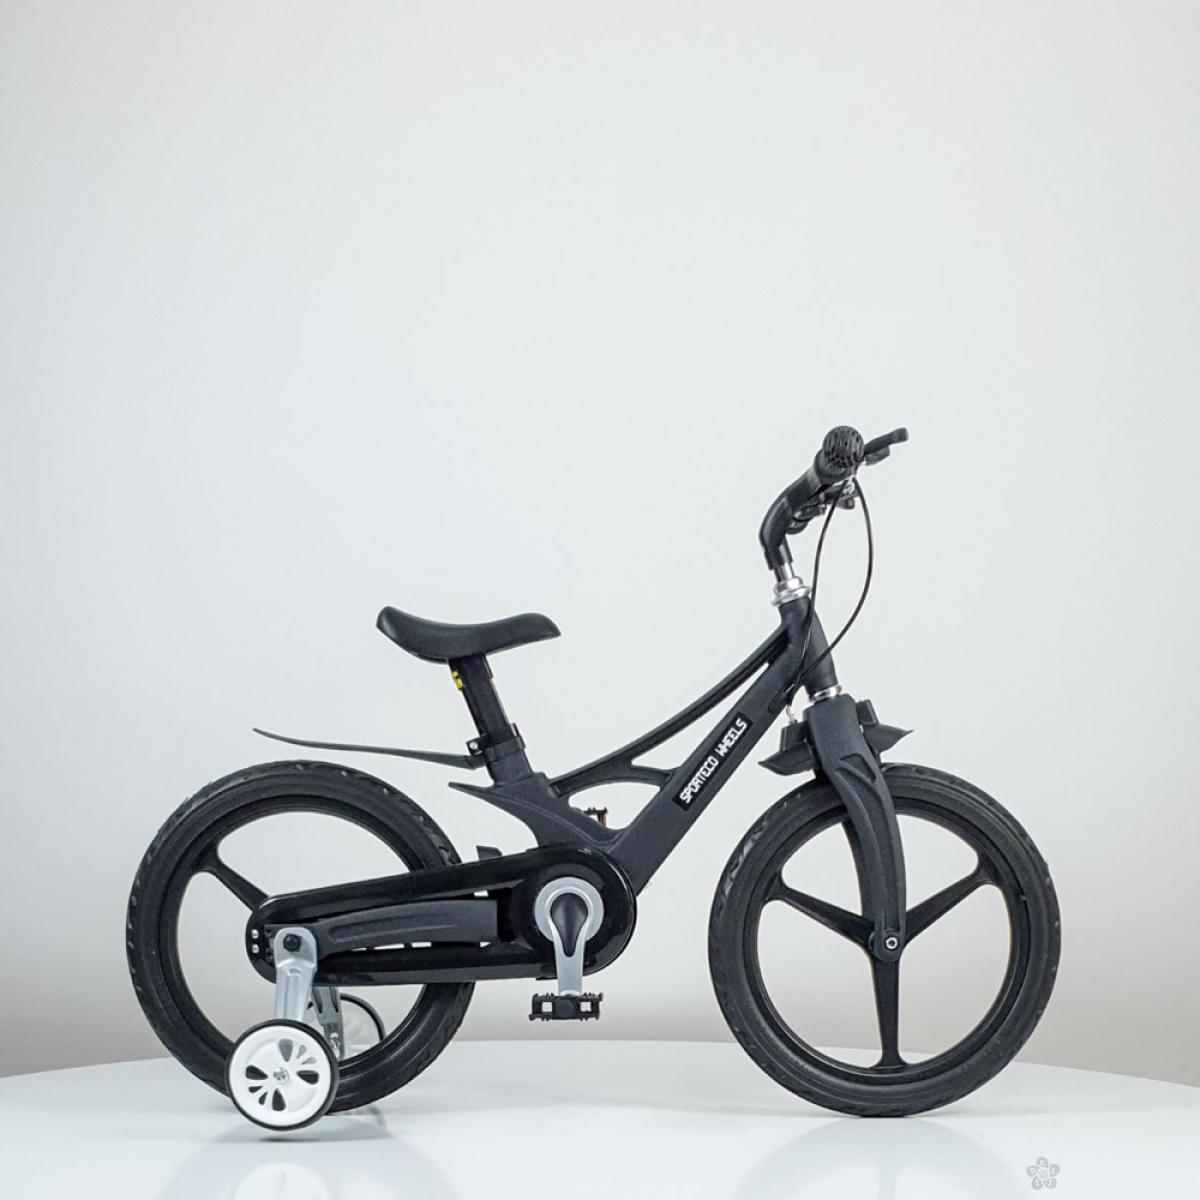 Bicikl Sporteco model 717-16 CRNI